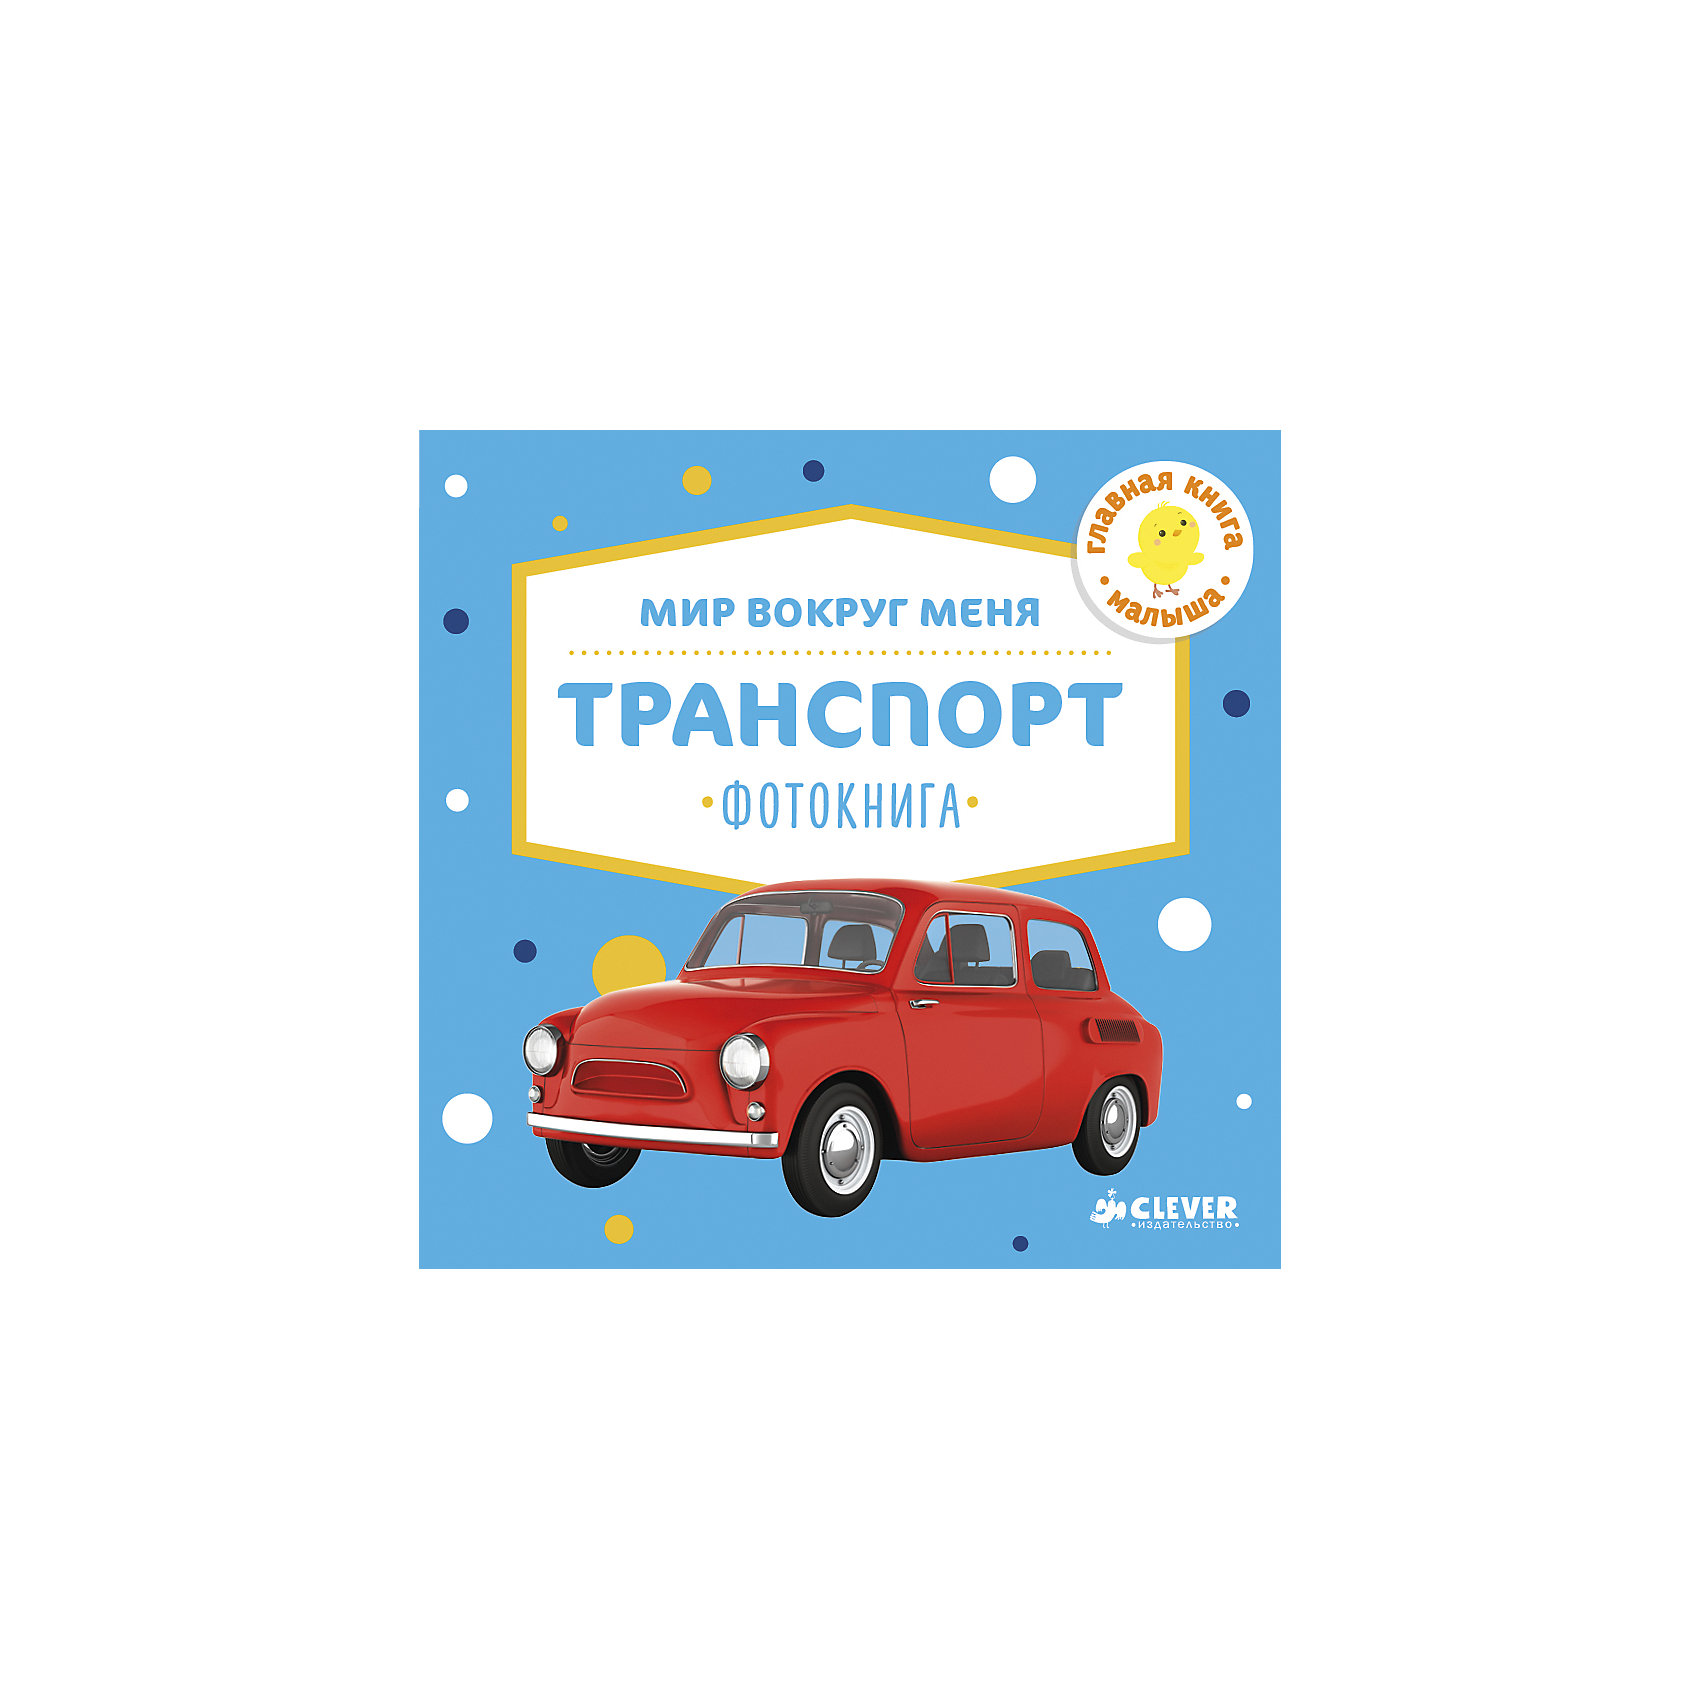 Фотокнига (мини) Транспорт  CLEVER, Мир вокруг меняОкружающий мир<br>Характеристики товара:<br><br>• ISBN: 978-5-906951-57-1;<br>• возраст: от 1 года;<br>• формат: 60х84/16;<br>• бумага: картон;<br>• тип обложки: 7Бц - твердая, (плотная бумага или картон);<br>• оформление: пухлая обложка;<br>• иллюстрации: цветные;<br>• серия: Мир вокруг меня;<br>• издательство: Клевер Медиа Групп, 2017 г.;<br>• автор: Коваль Татьяна;<br>• редактор: Евдокимова Анастасия;<br>• количество страниц: 20;<br>• размеры: 14,3х14,3х1,8 см;<br>• масса: 186 г.<br><br>Красочная книга с красивыми фотографиями подходит для самых маленьких читателей. На страницах фотокниги дети увидят все виды транспорта, выучат их названия, познакомятся с оттенками цветов и освоят первый счёт. На каждой странице есть веселый стишок про автомобили.<br><br>Книга предназначена для развивающих занятий с самого раннего возраста, помогает развивать речь, память, логику, внимание. Плотные картонные страницы легко переворачиваются и безопасны для ребенка. <br><br>Фотокнигу (мини) «Транспорт», Коваль Т., Клевер Медиа Групп, можно купить в нашем интернет-магазине.<br><br>Ширина мм: 138<br>Глубина мм: 134<br>Высота мм: 12<br>Вес г: 196<br>Возраст от месяцев: 12<br>Возраст до месяцев: 36<br>Пол: Унисекс<br>Возраст: Детский<br>SKU: 7039979